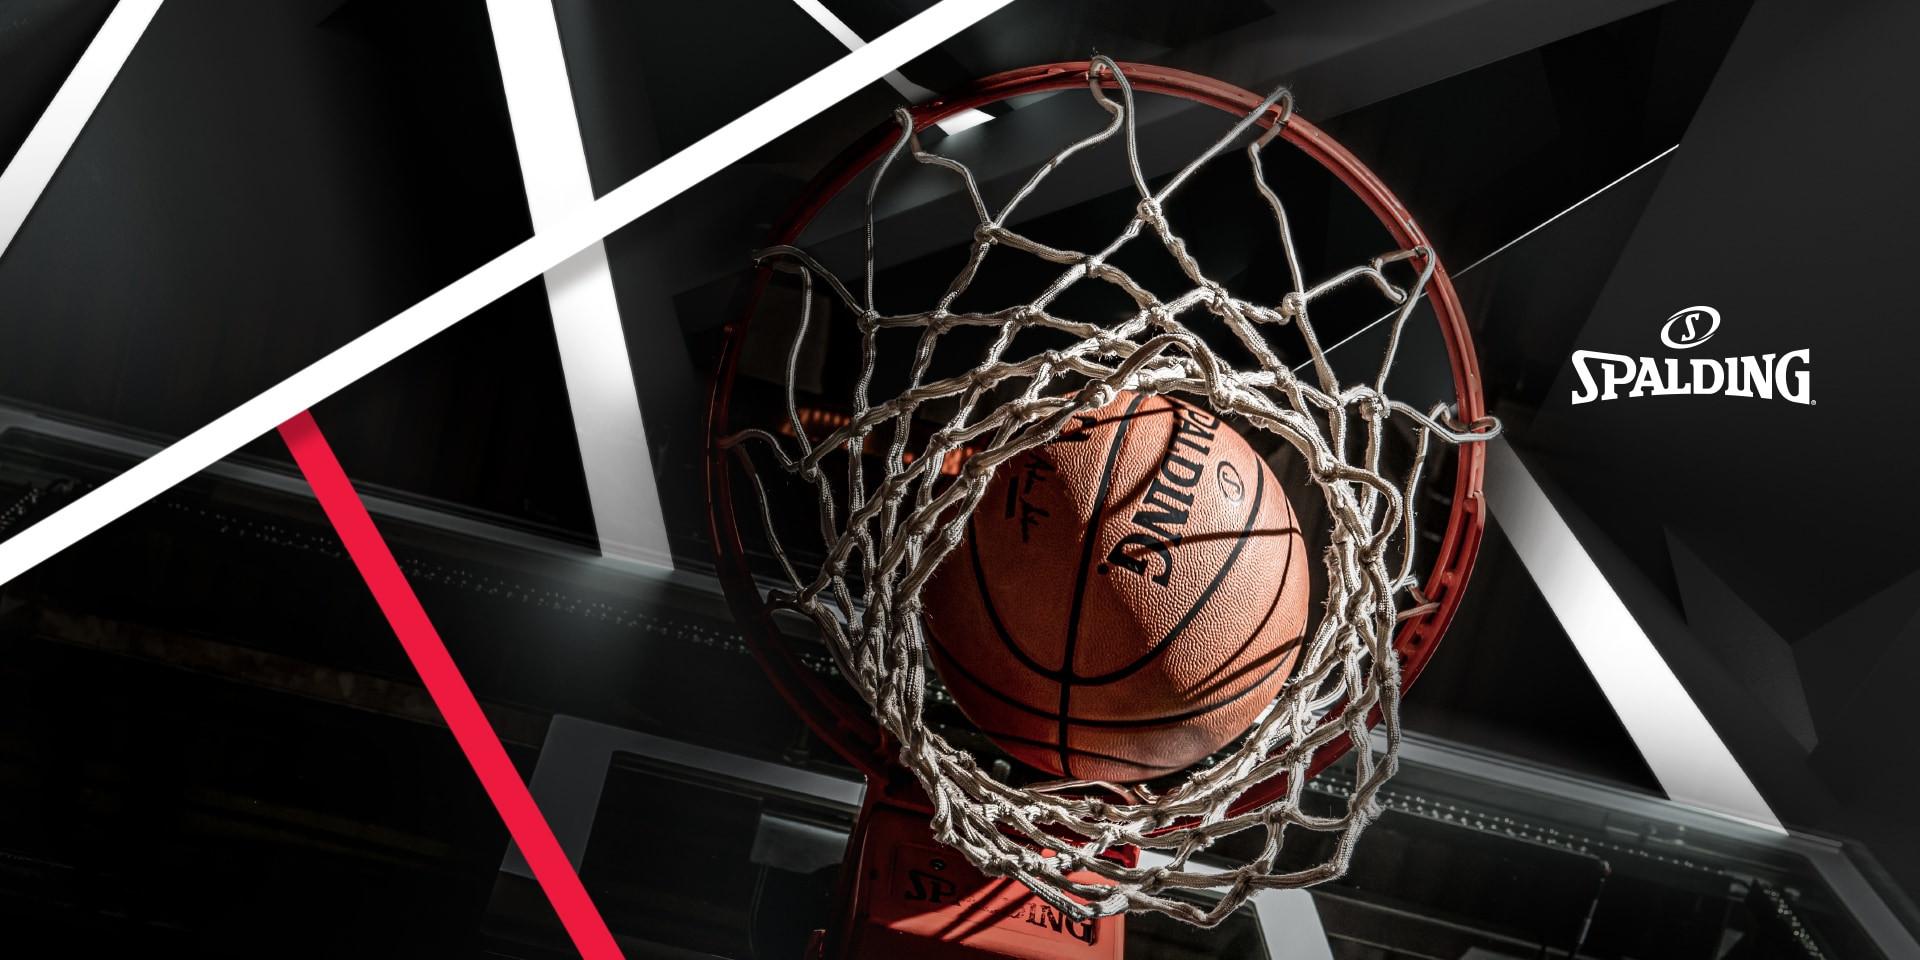 Welke basketbal heb ik nodig?